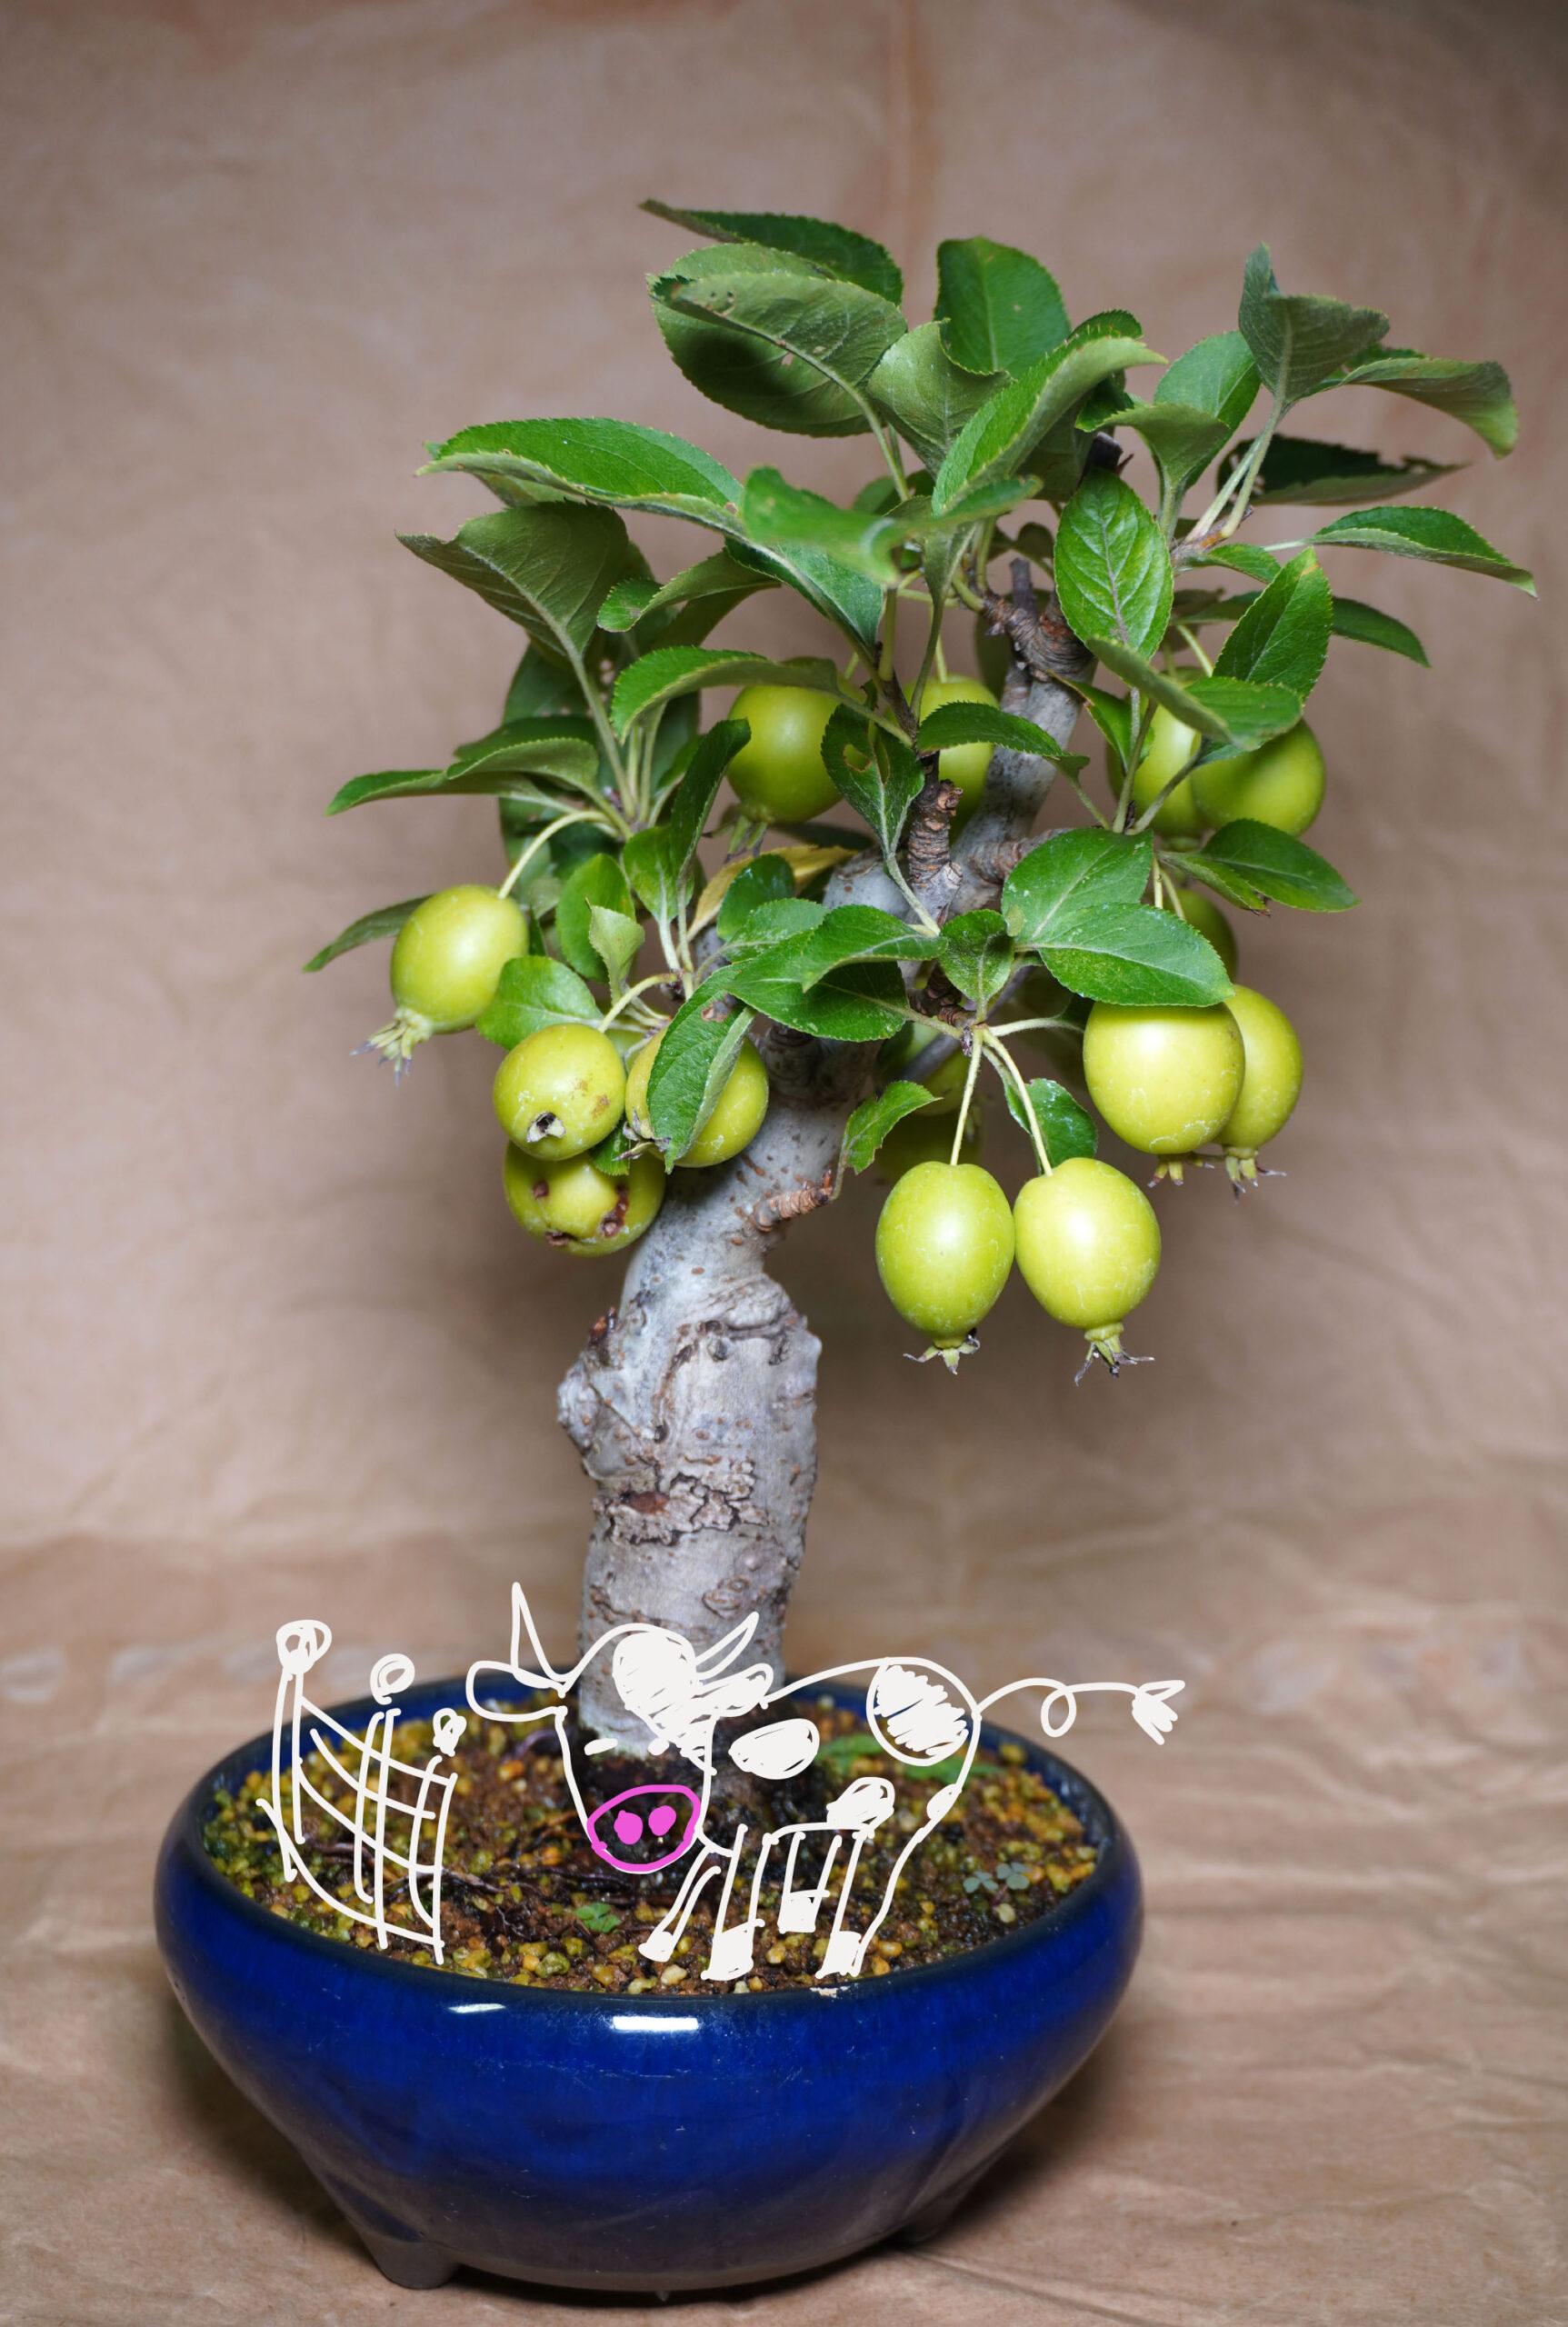 ヒメリンゴ-マン盆栽